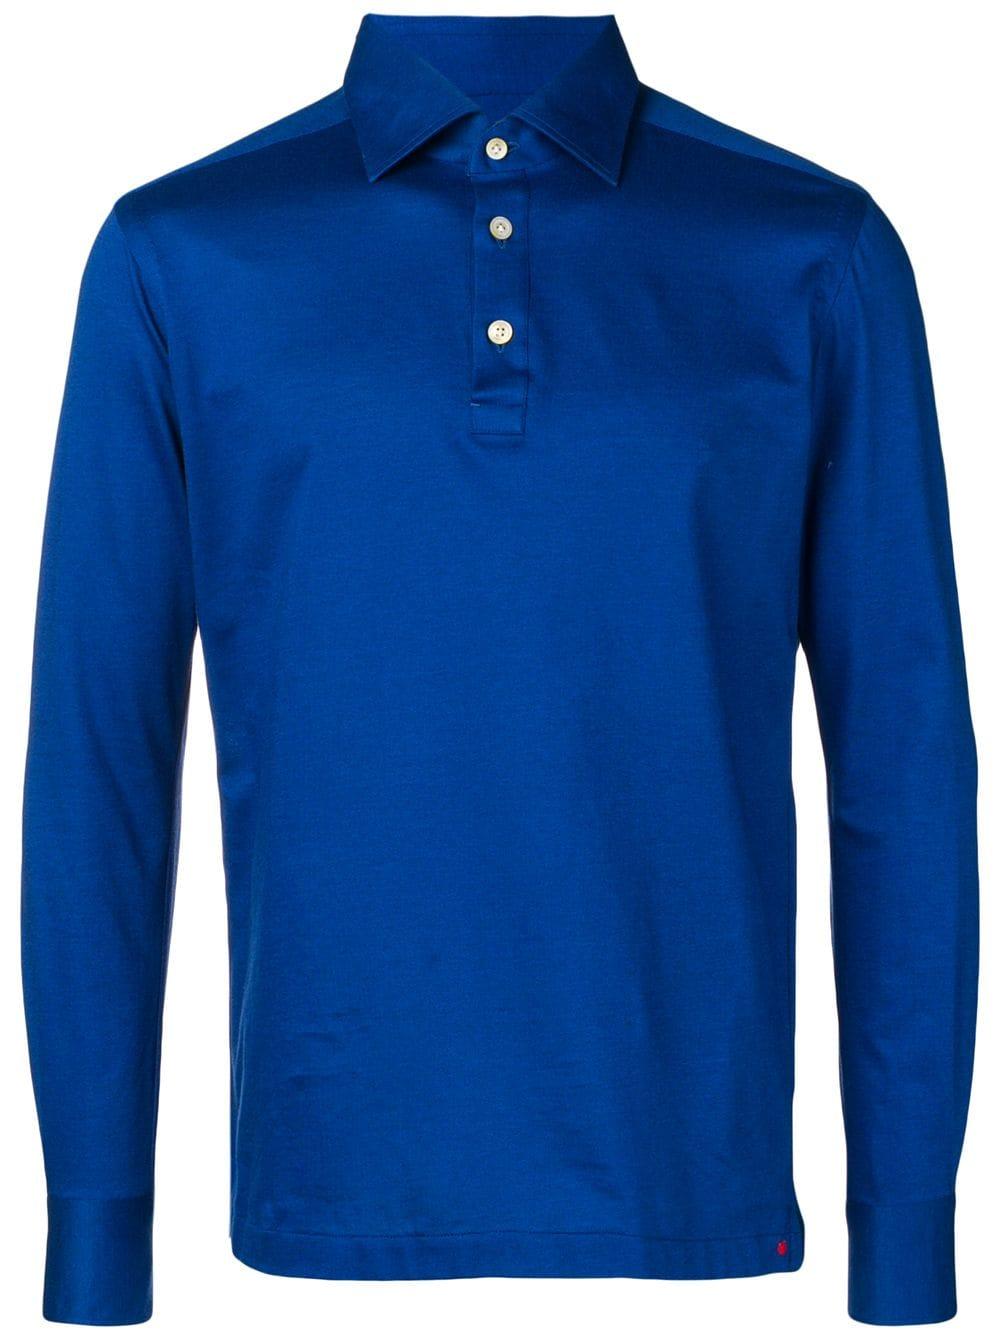 96d0fa481 Royal Blue Cotton Polo Shirt - KITON - Russocapri